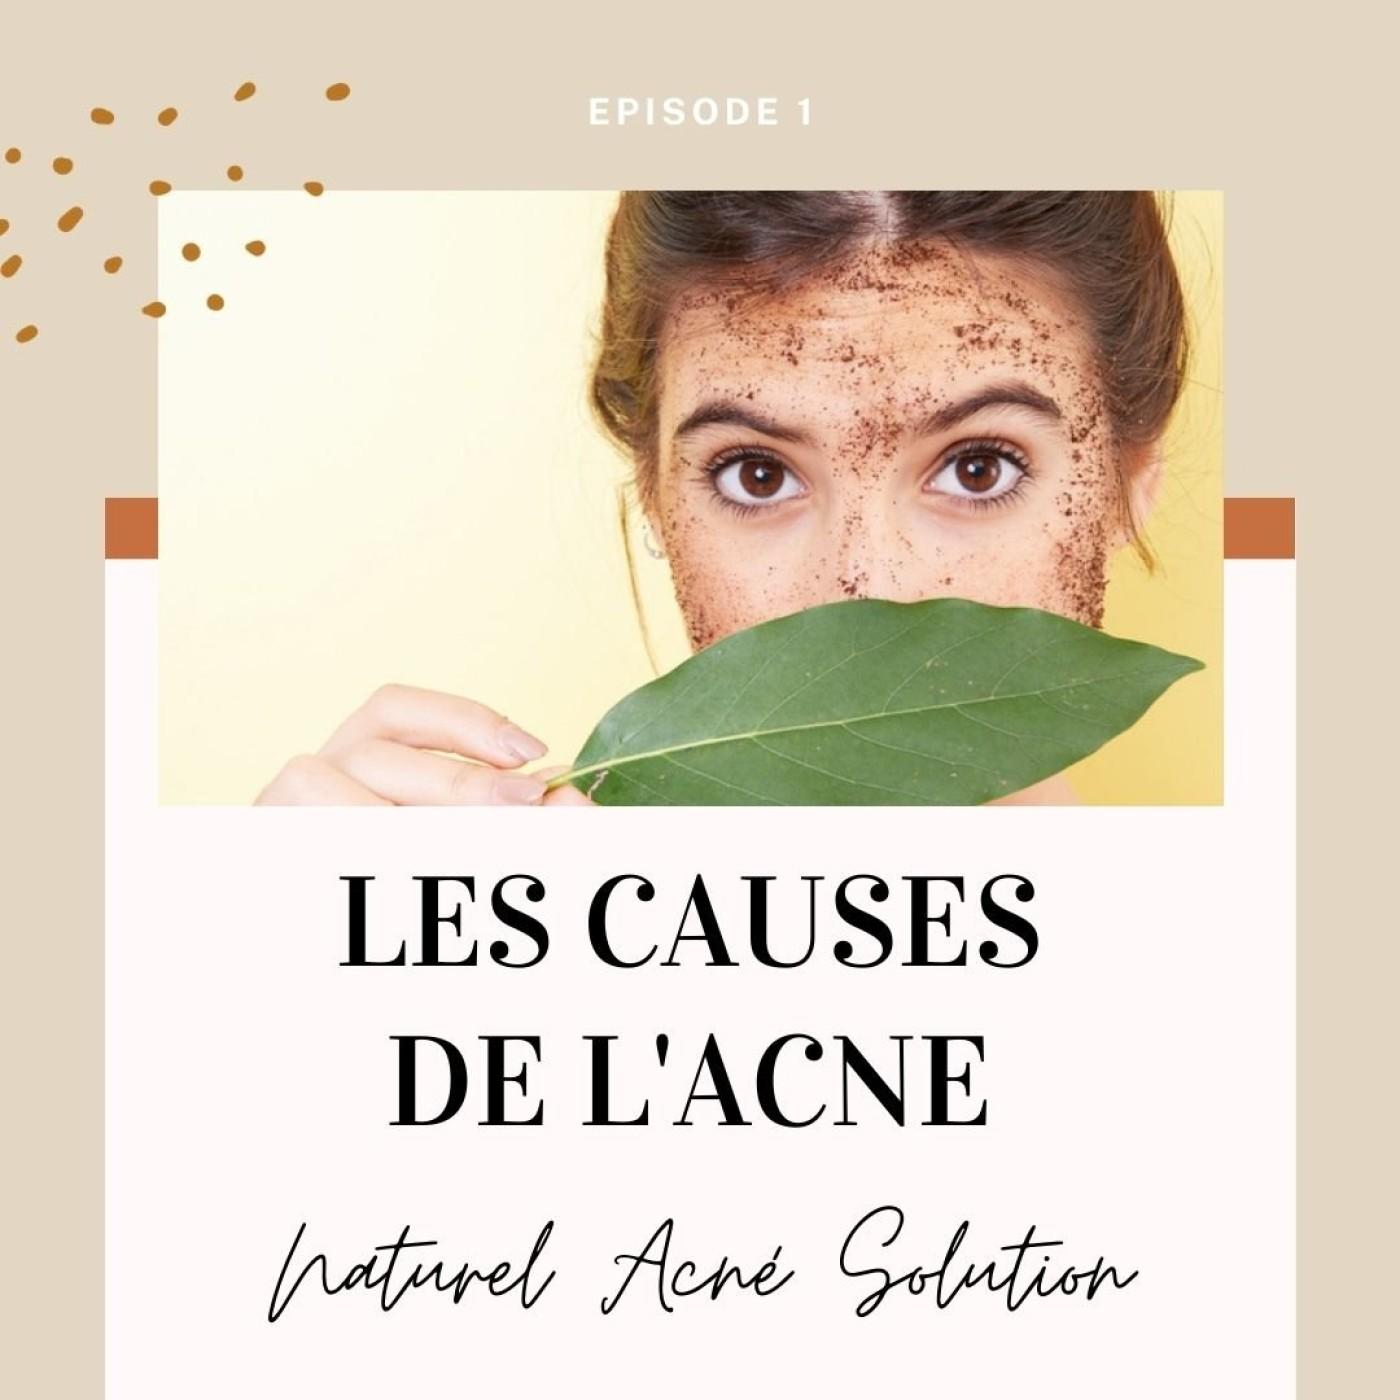 Episode 1 - Les causes de l'acné